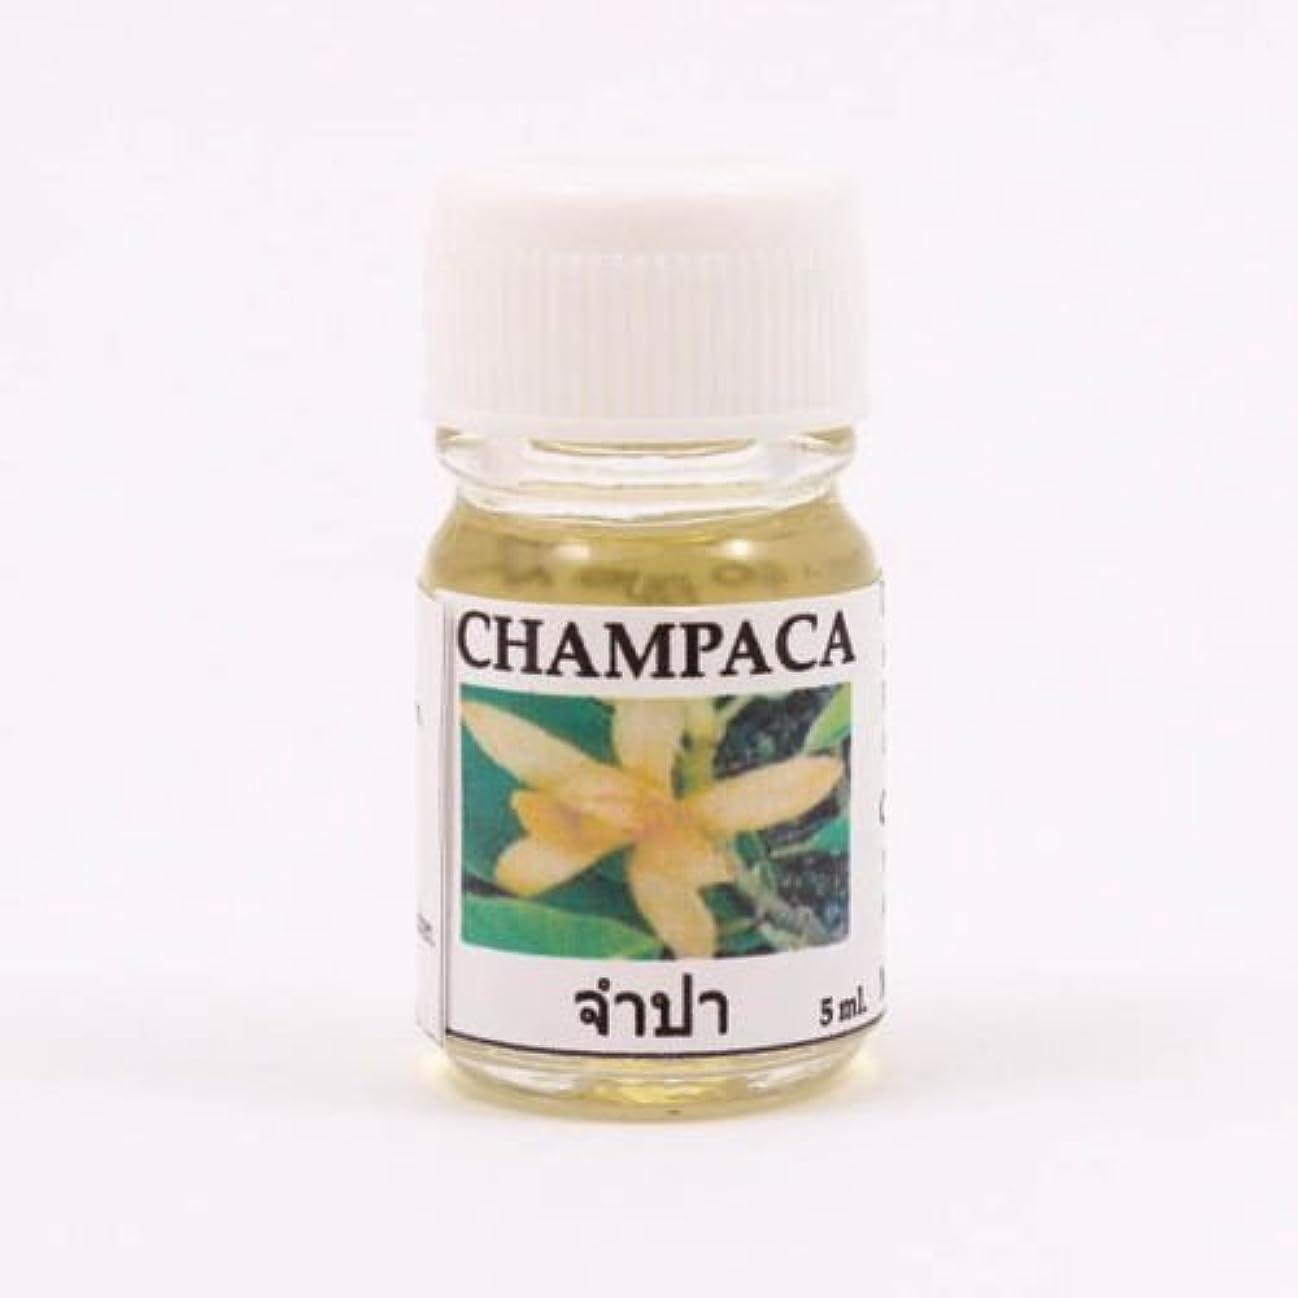 トランジスタコーデリア属性6X Champaca Aroma Fragrance Essential Oil 5ML. cc Diffuser Burner Therapy